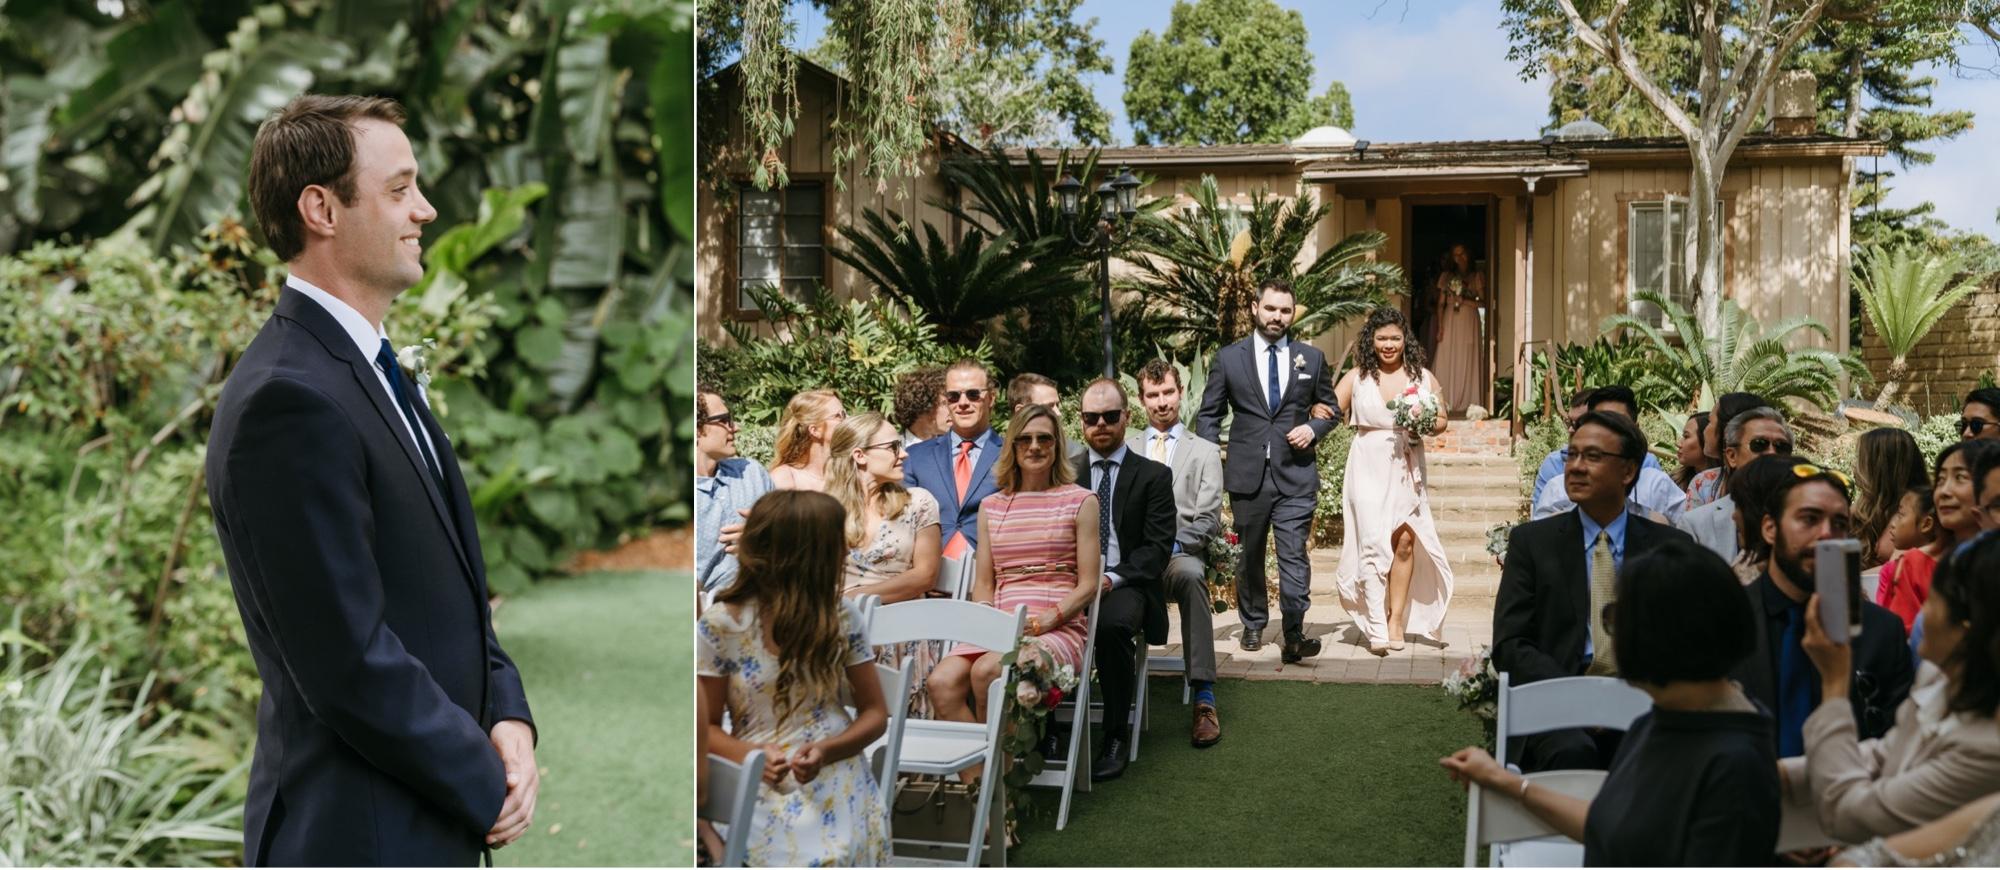 023_Shawna and Steve's Wedding-135_Shawna and Steve's Wedding-145.jpg